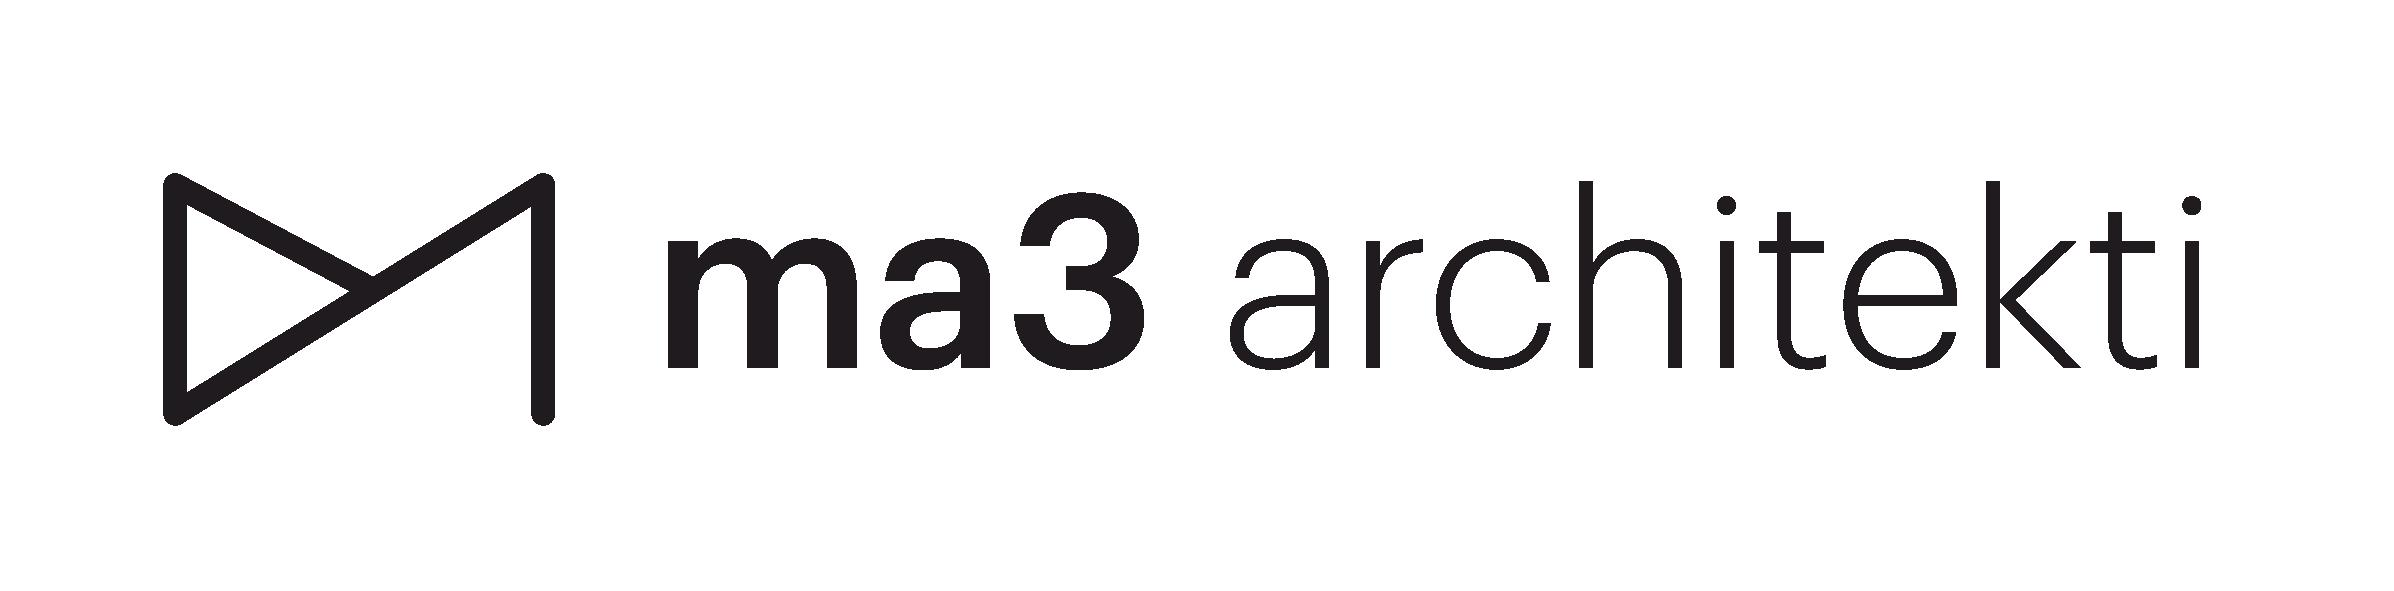 ma3 architekti